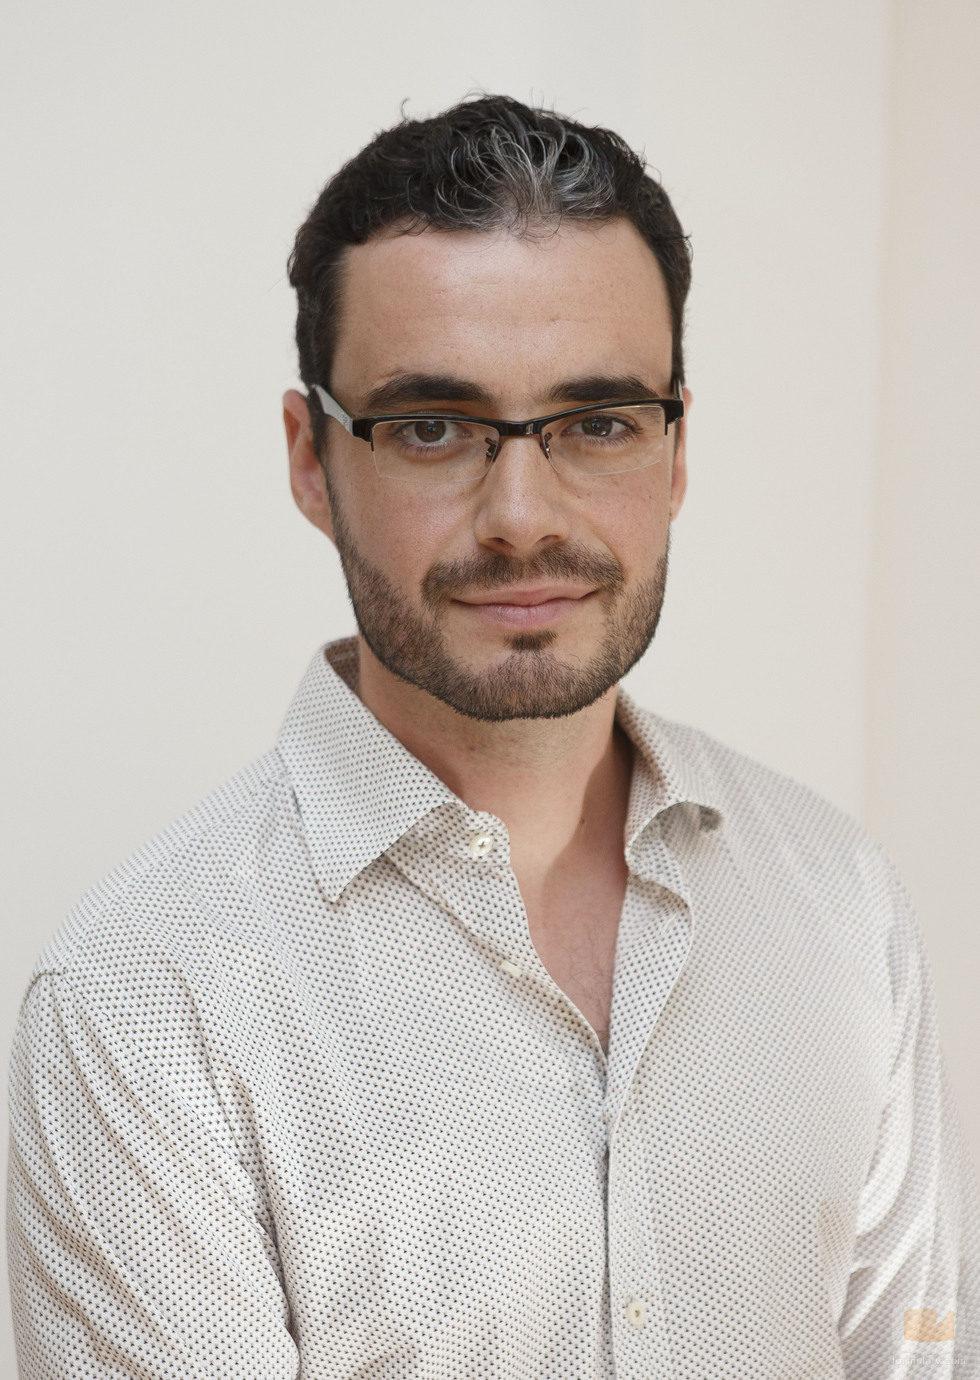 Javier Gómez pone voz a los reportajes de 'laSexta Columna' - 32651_javier-gomez-pone-voz-reportajes-lasexta-columna